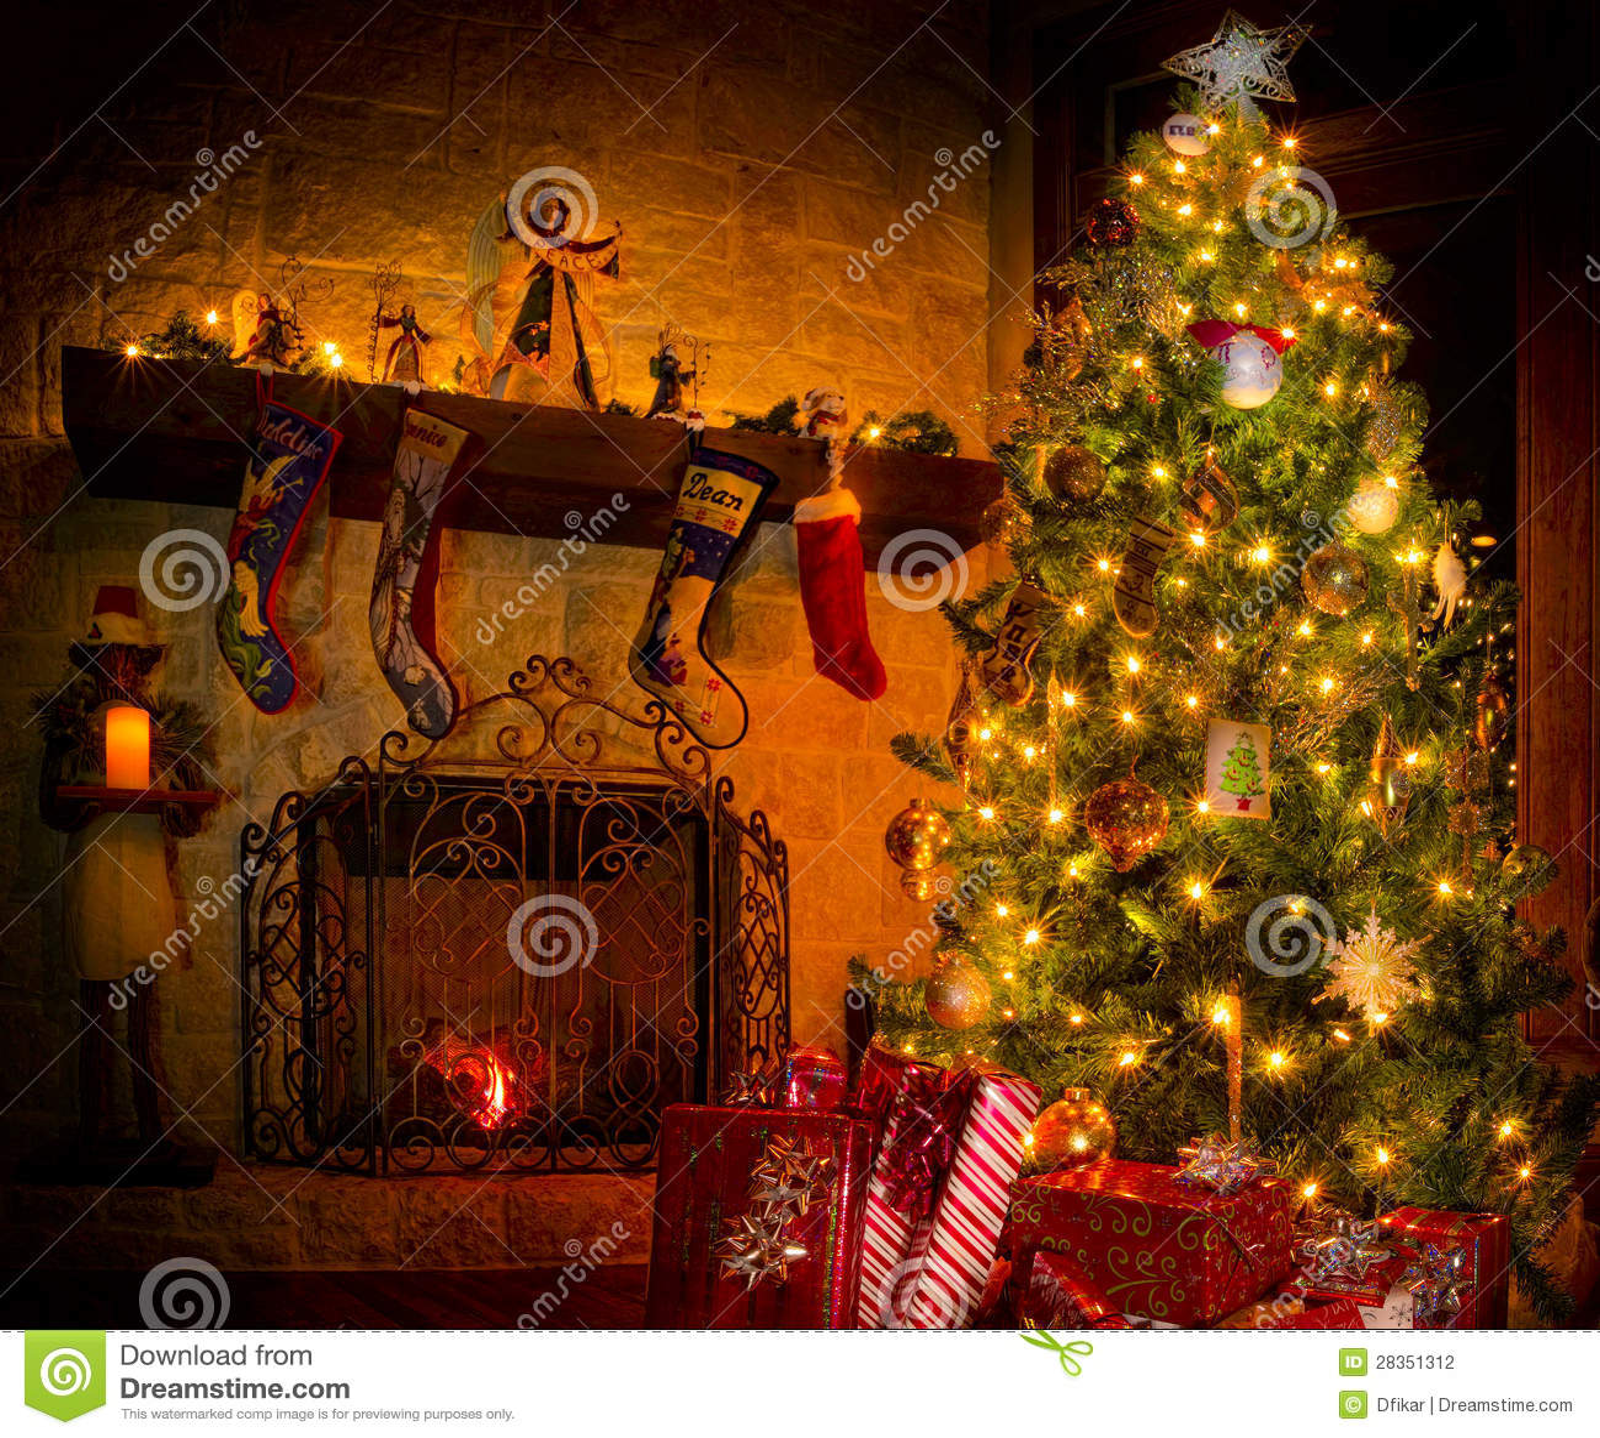 Weihnachten im wohnzimmer stockfoto bild von str mpfe - Weihnachten wohnzimmer ...